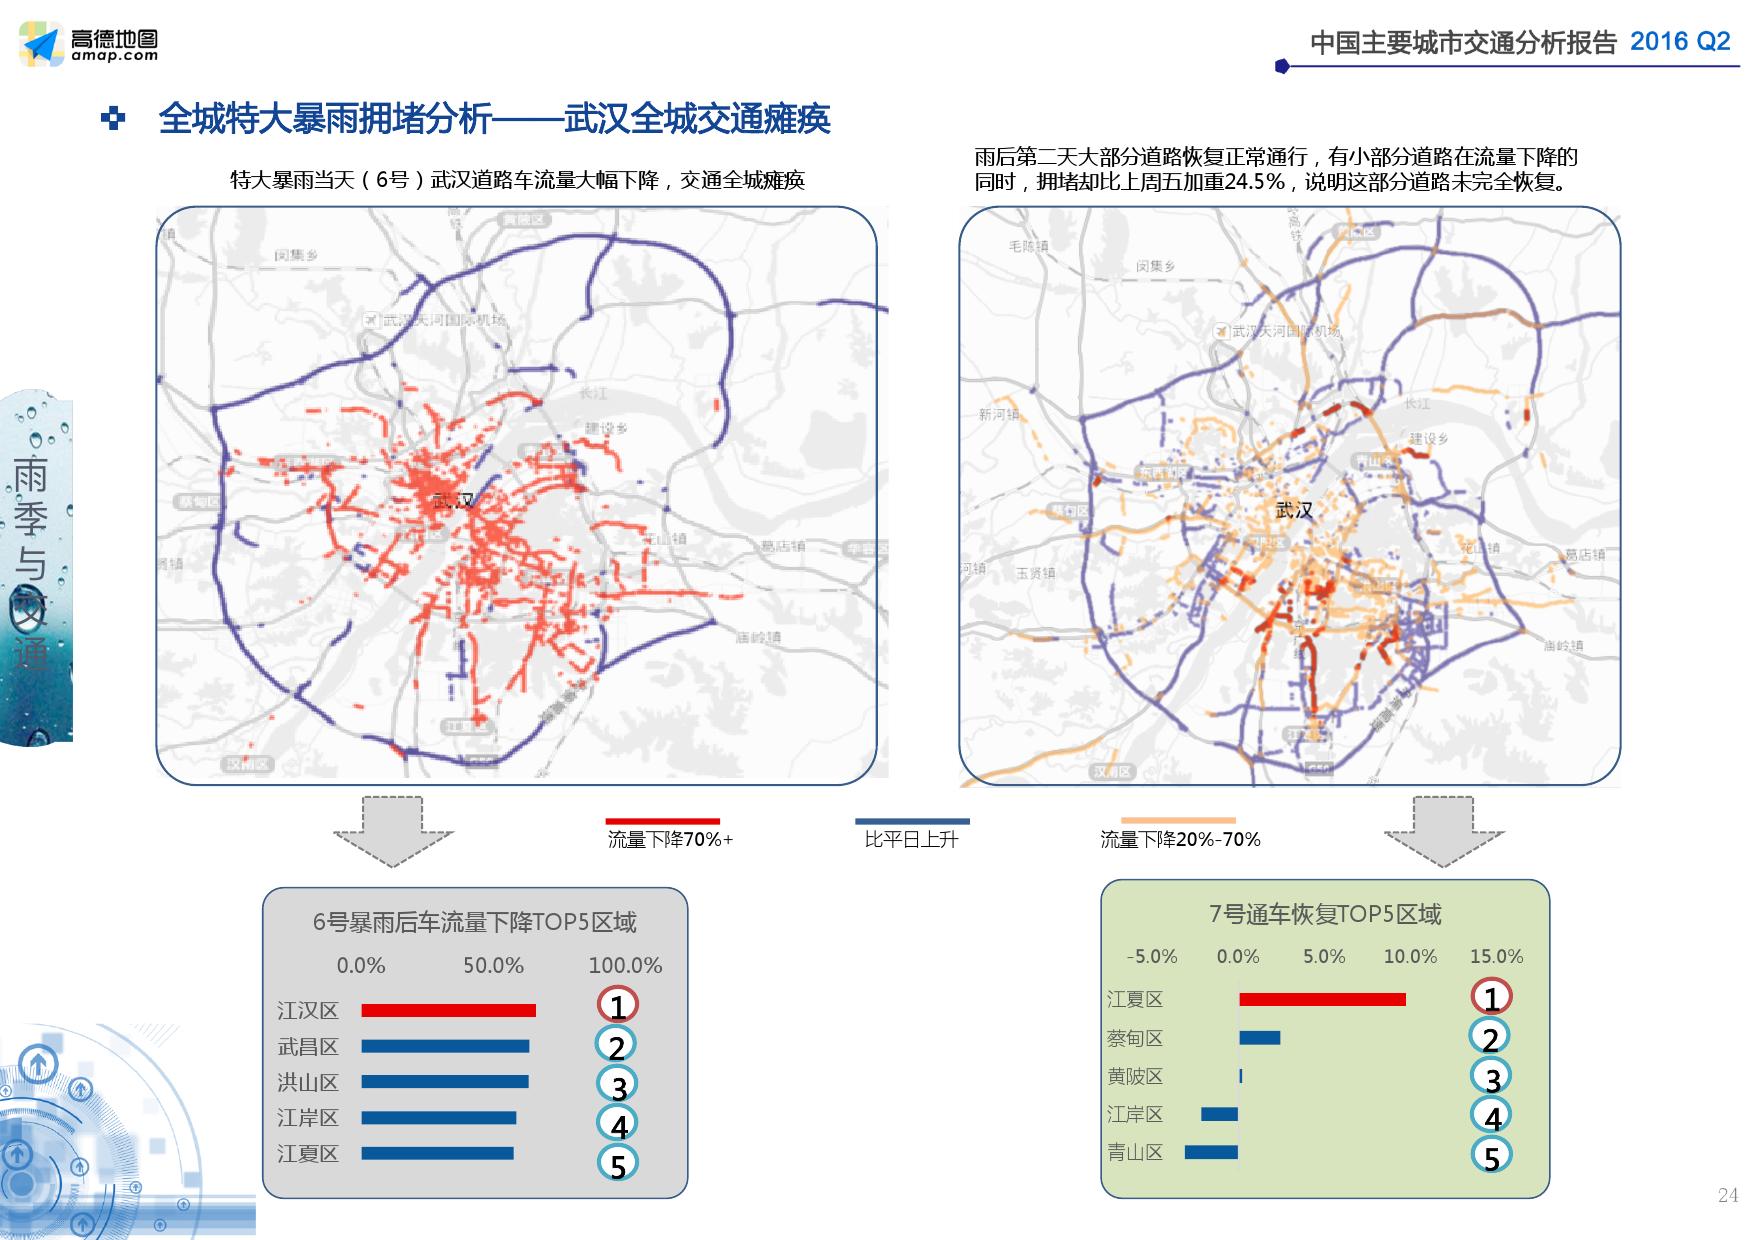 2016年Q2中国主要城市交通分析报告_000024